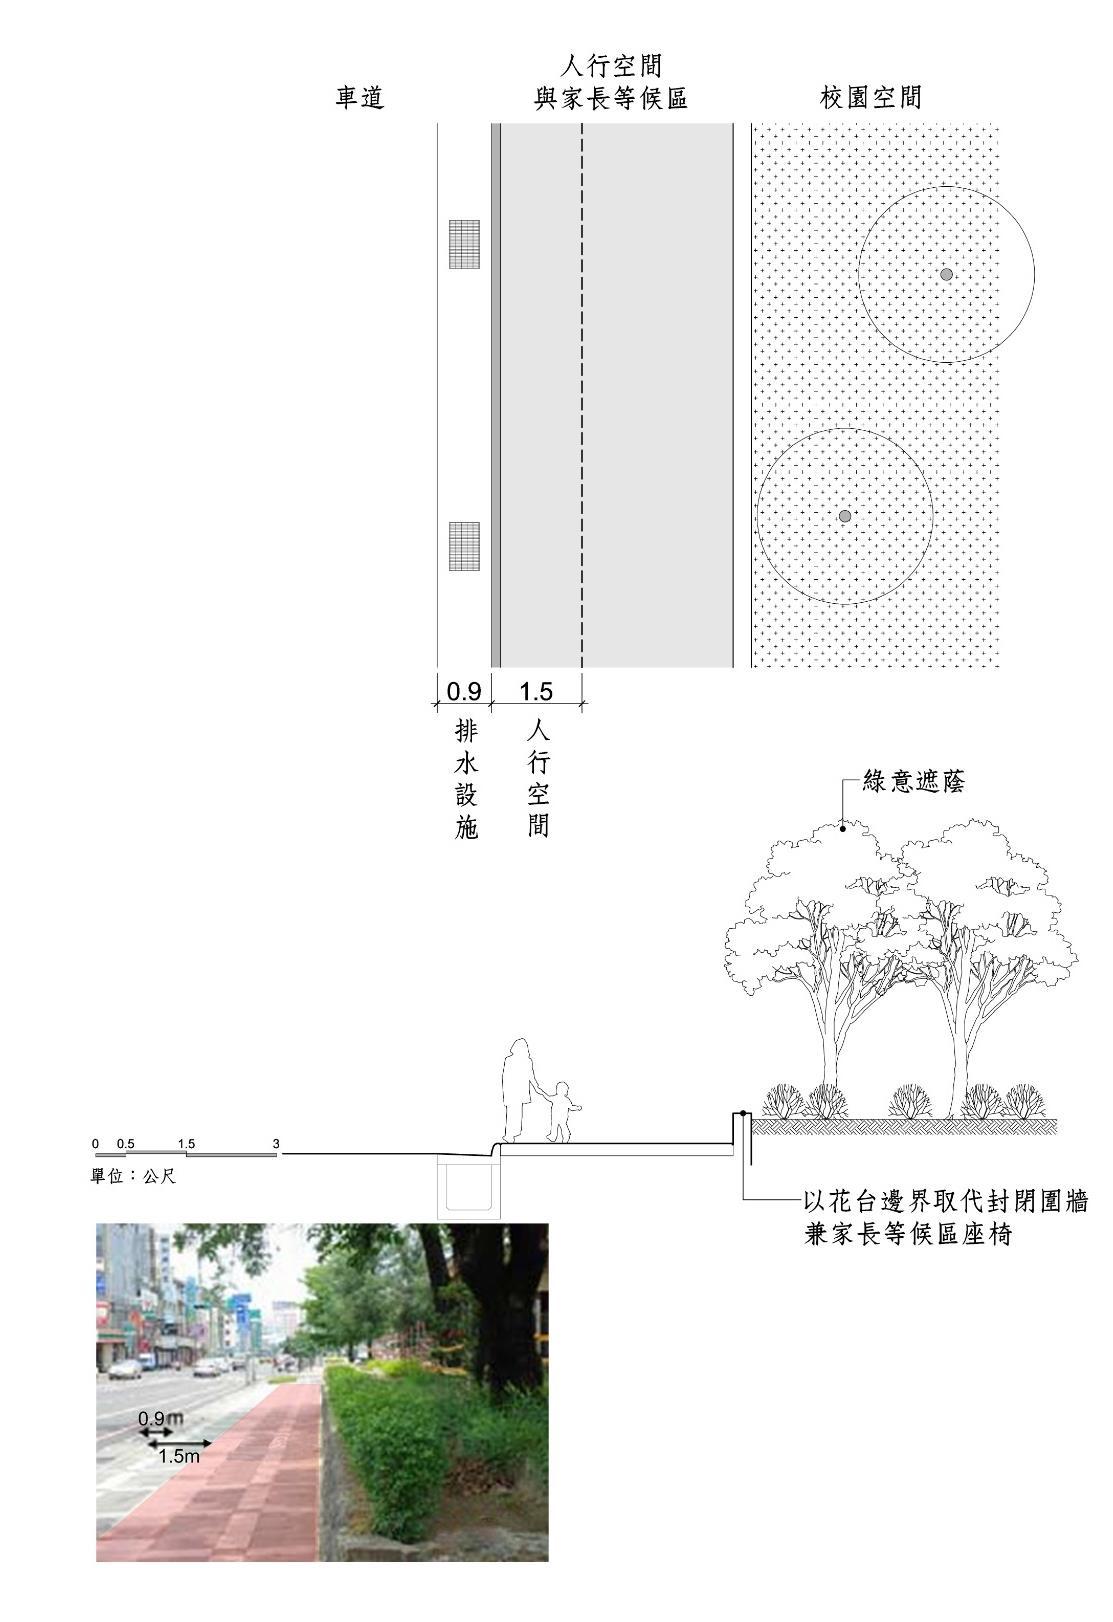 圖5-4-2 通學步道參考圖(二)